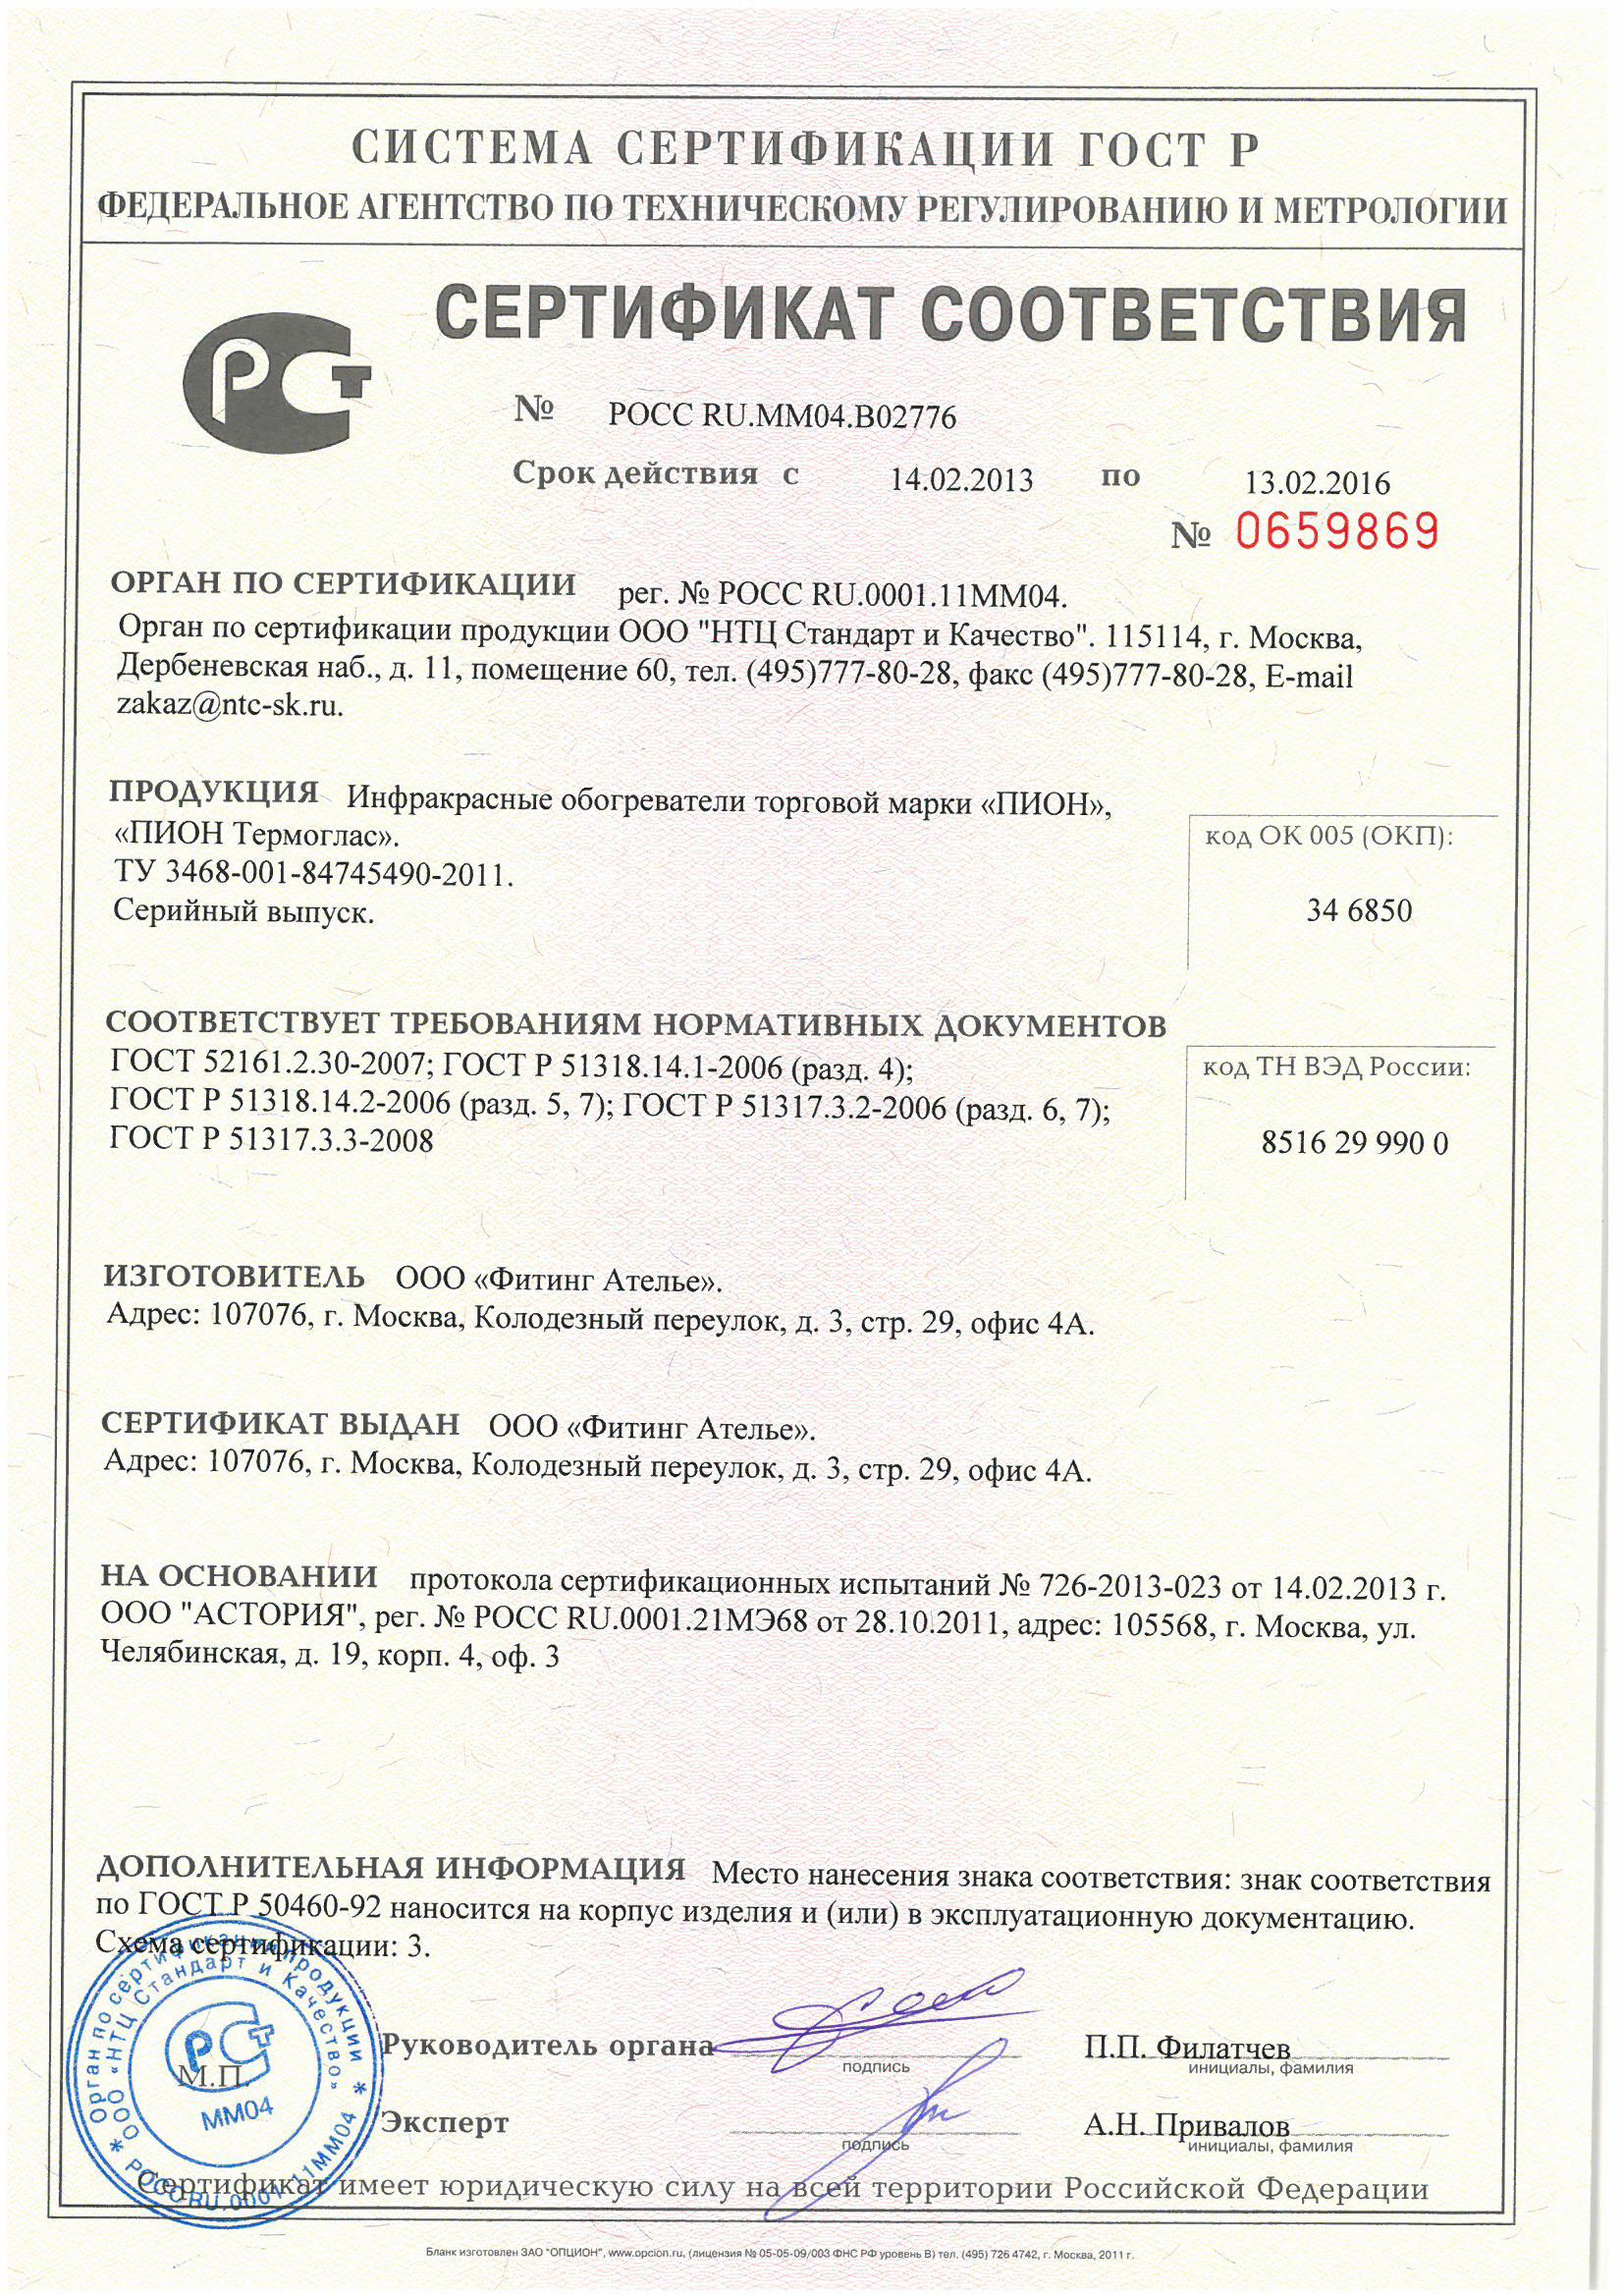 Сертификат соответствия на ПИОН Про